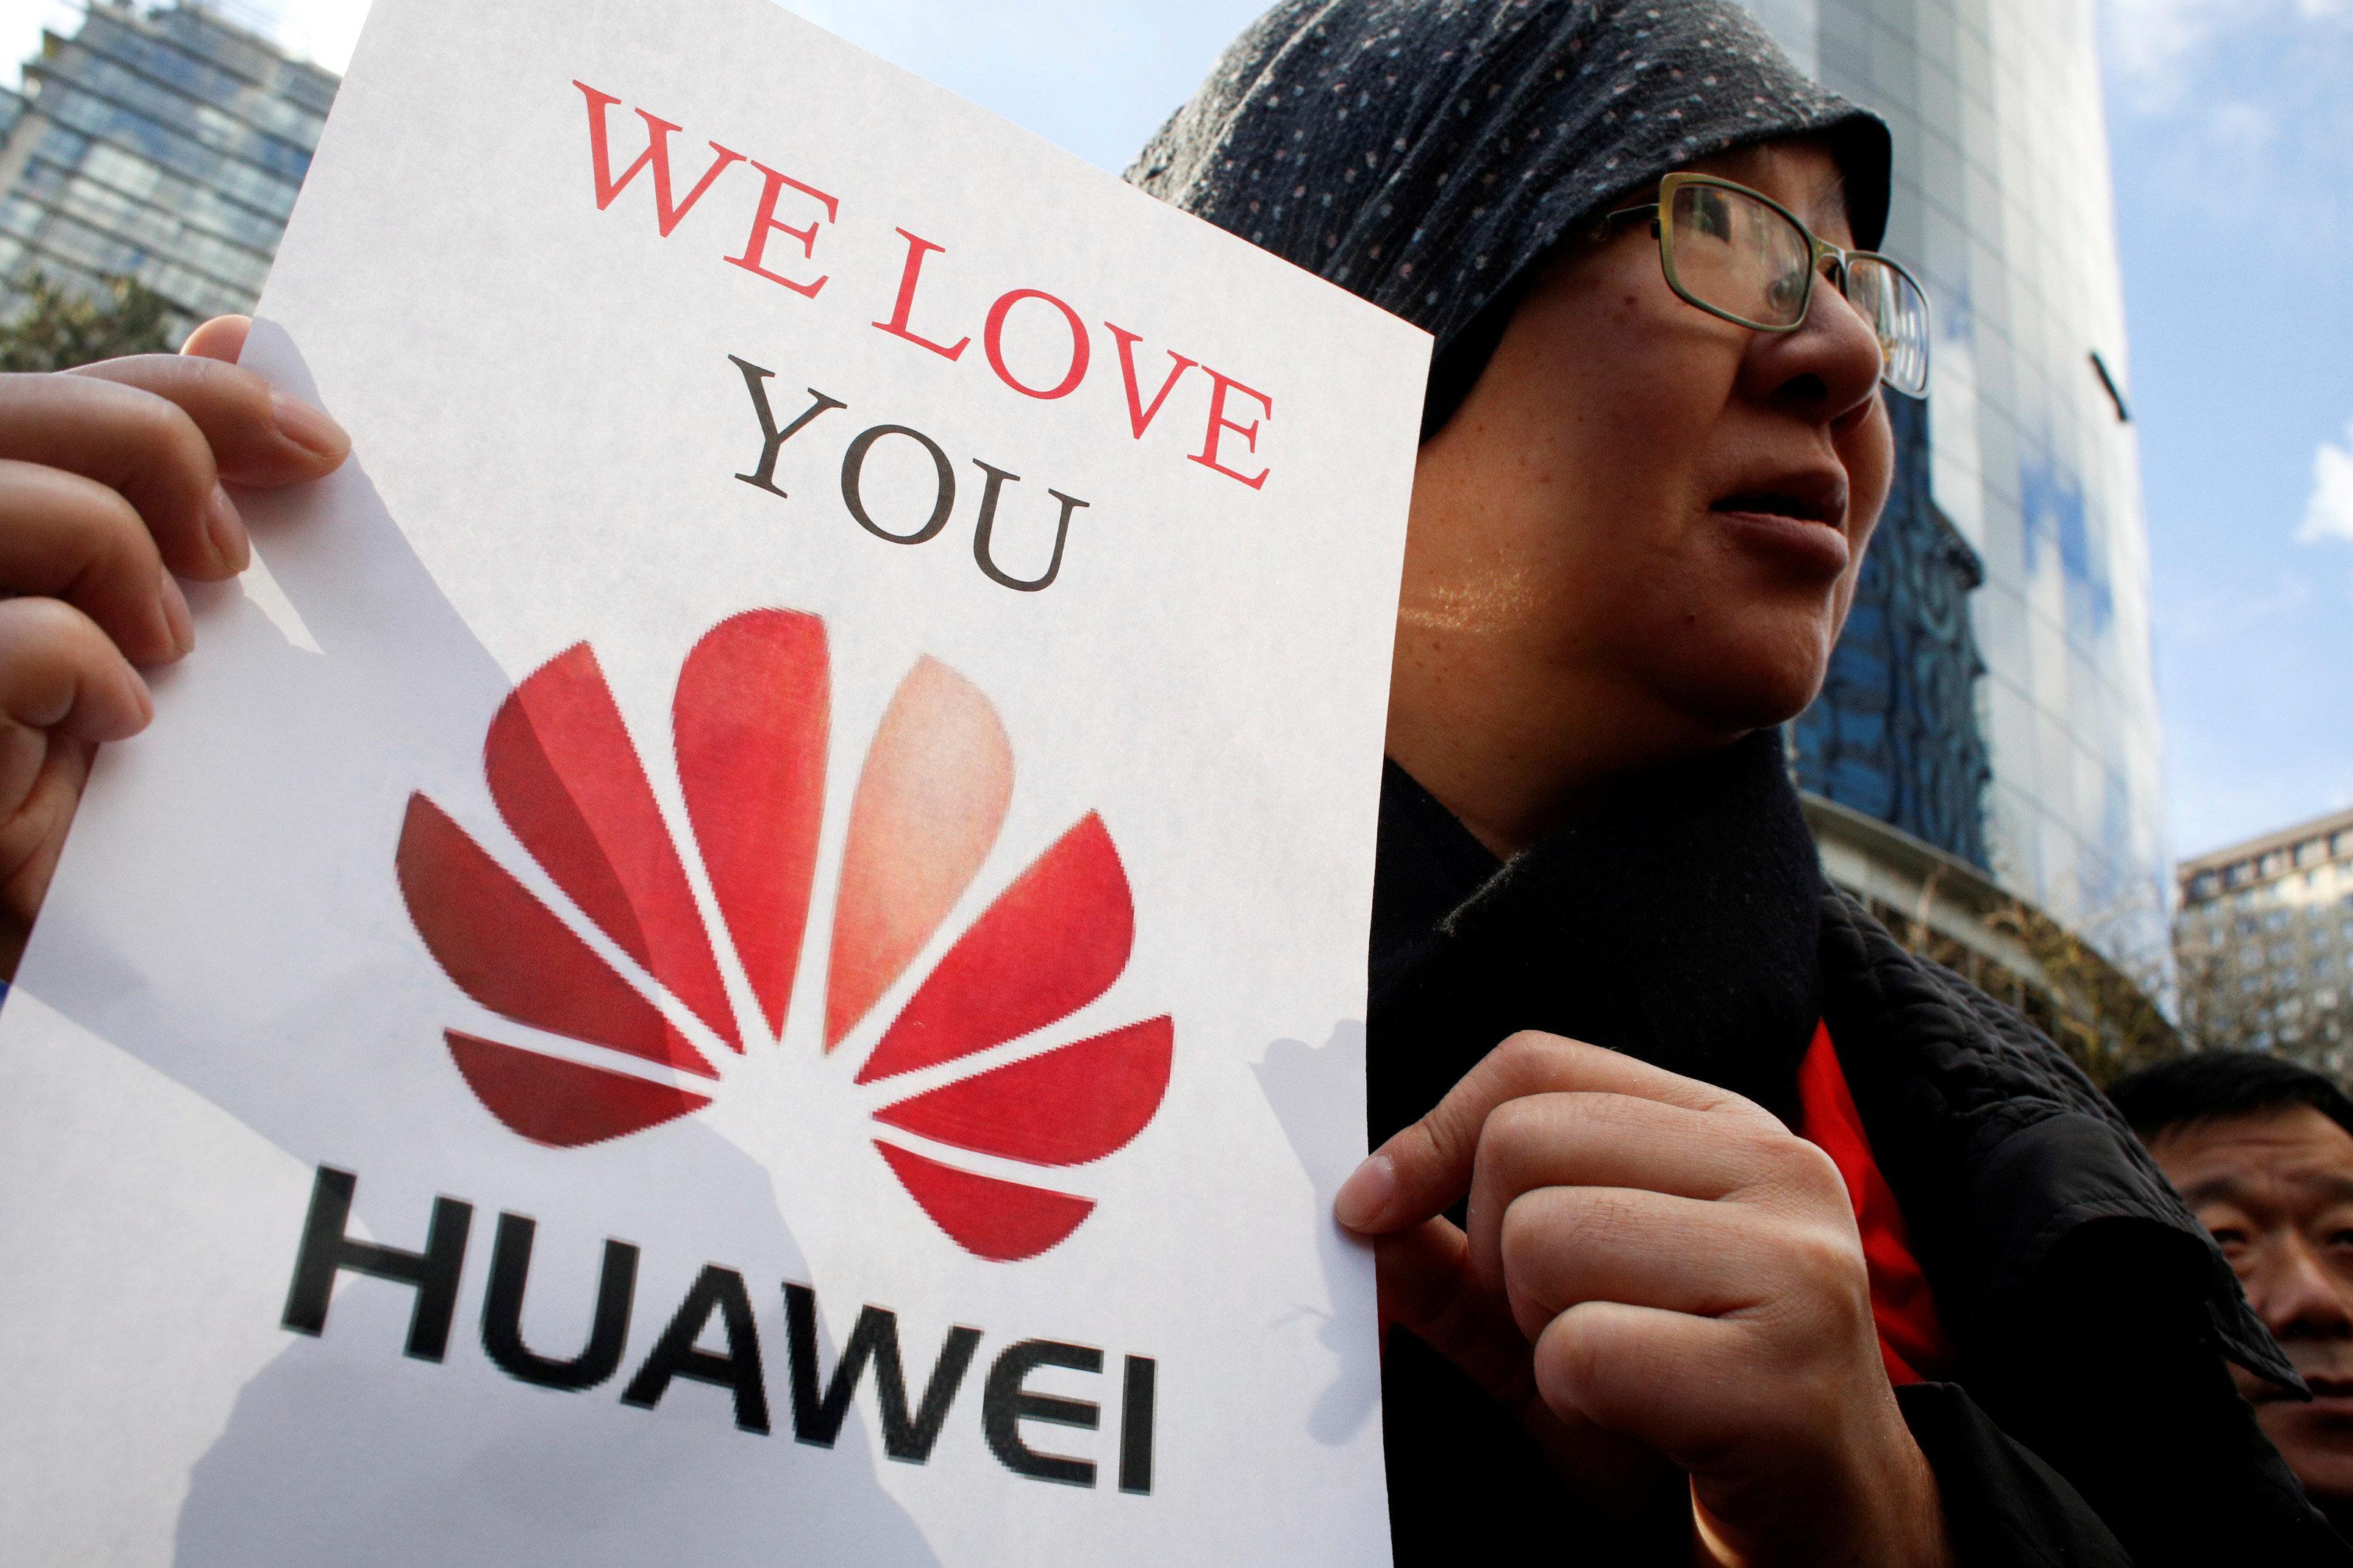 Huawei-Krise: Liebeserklärungen statt Panikverkäufe von Kunden